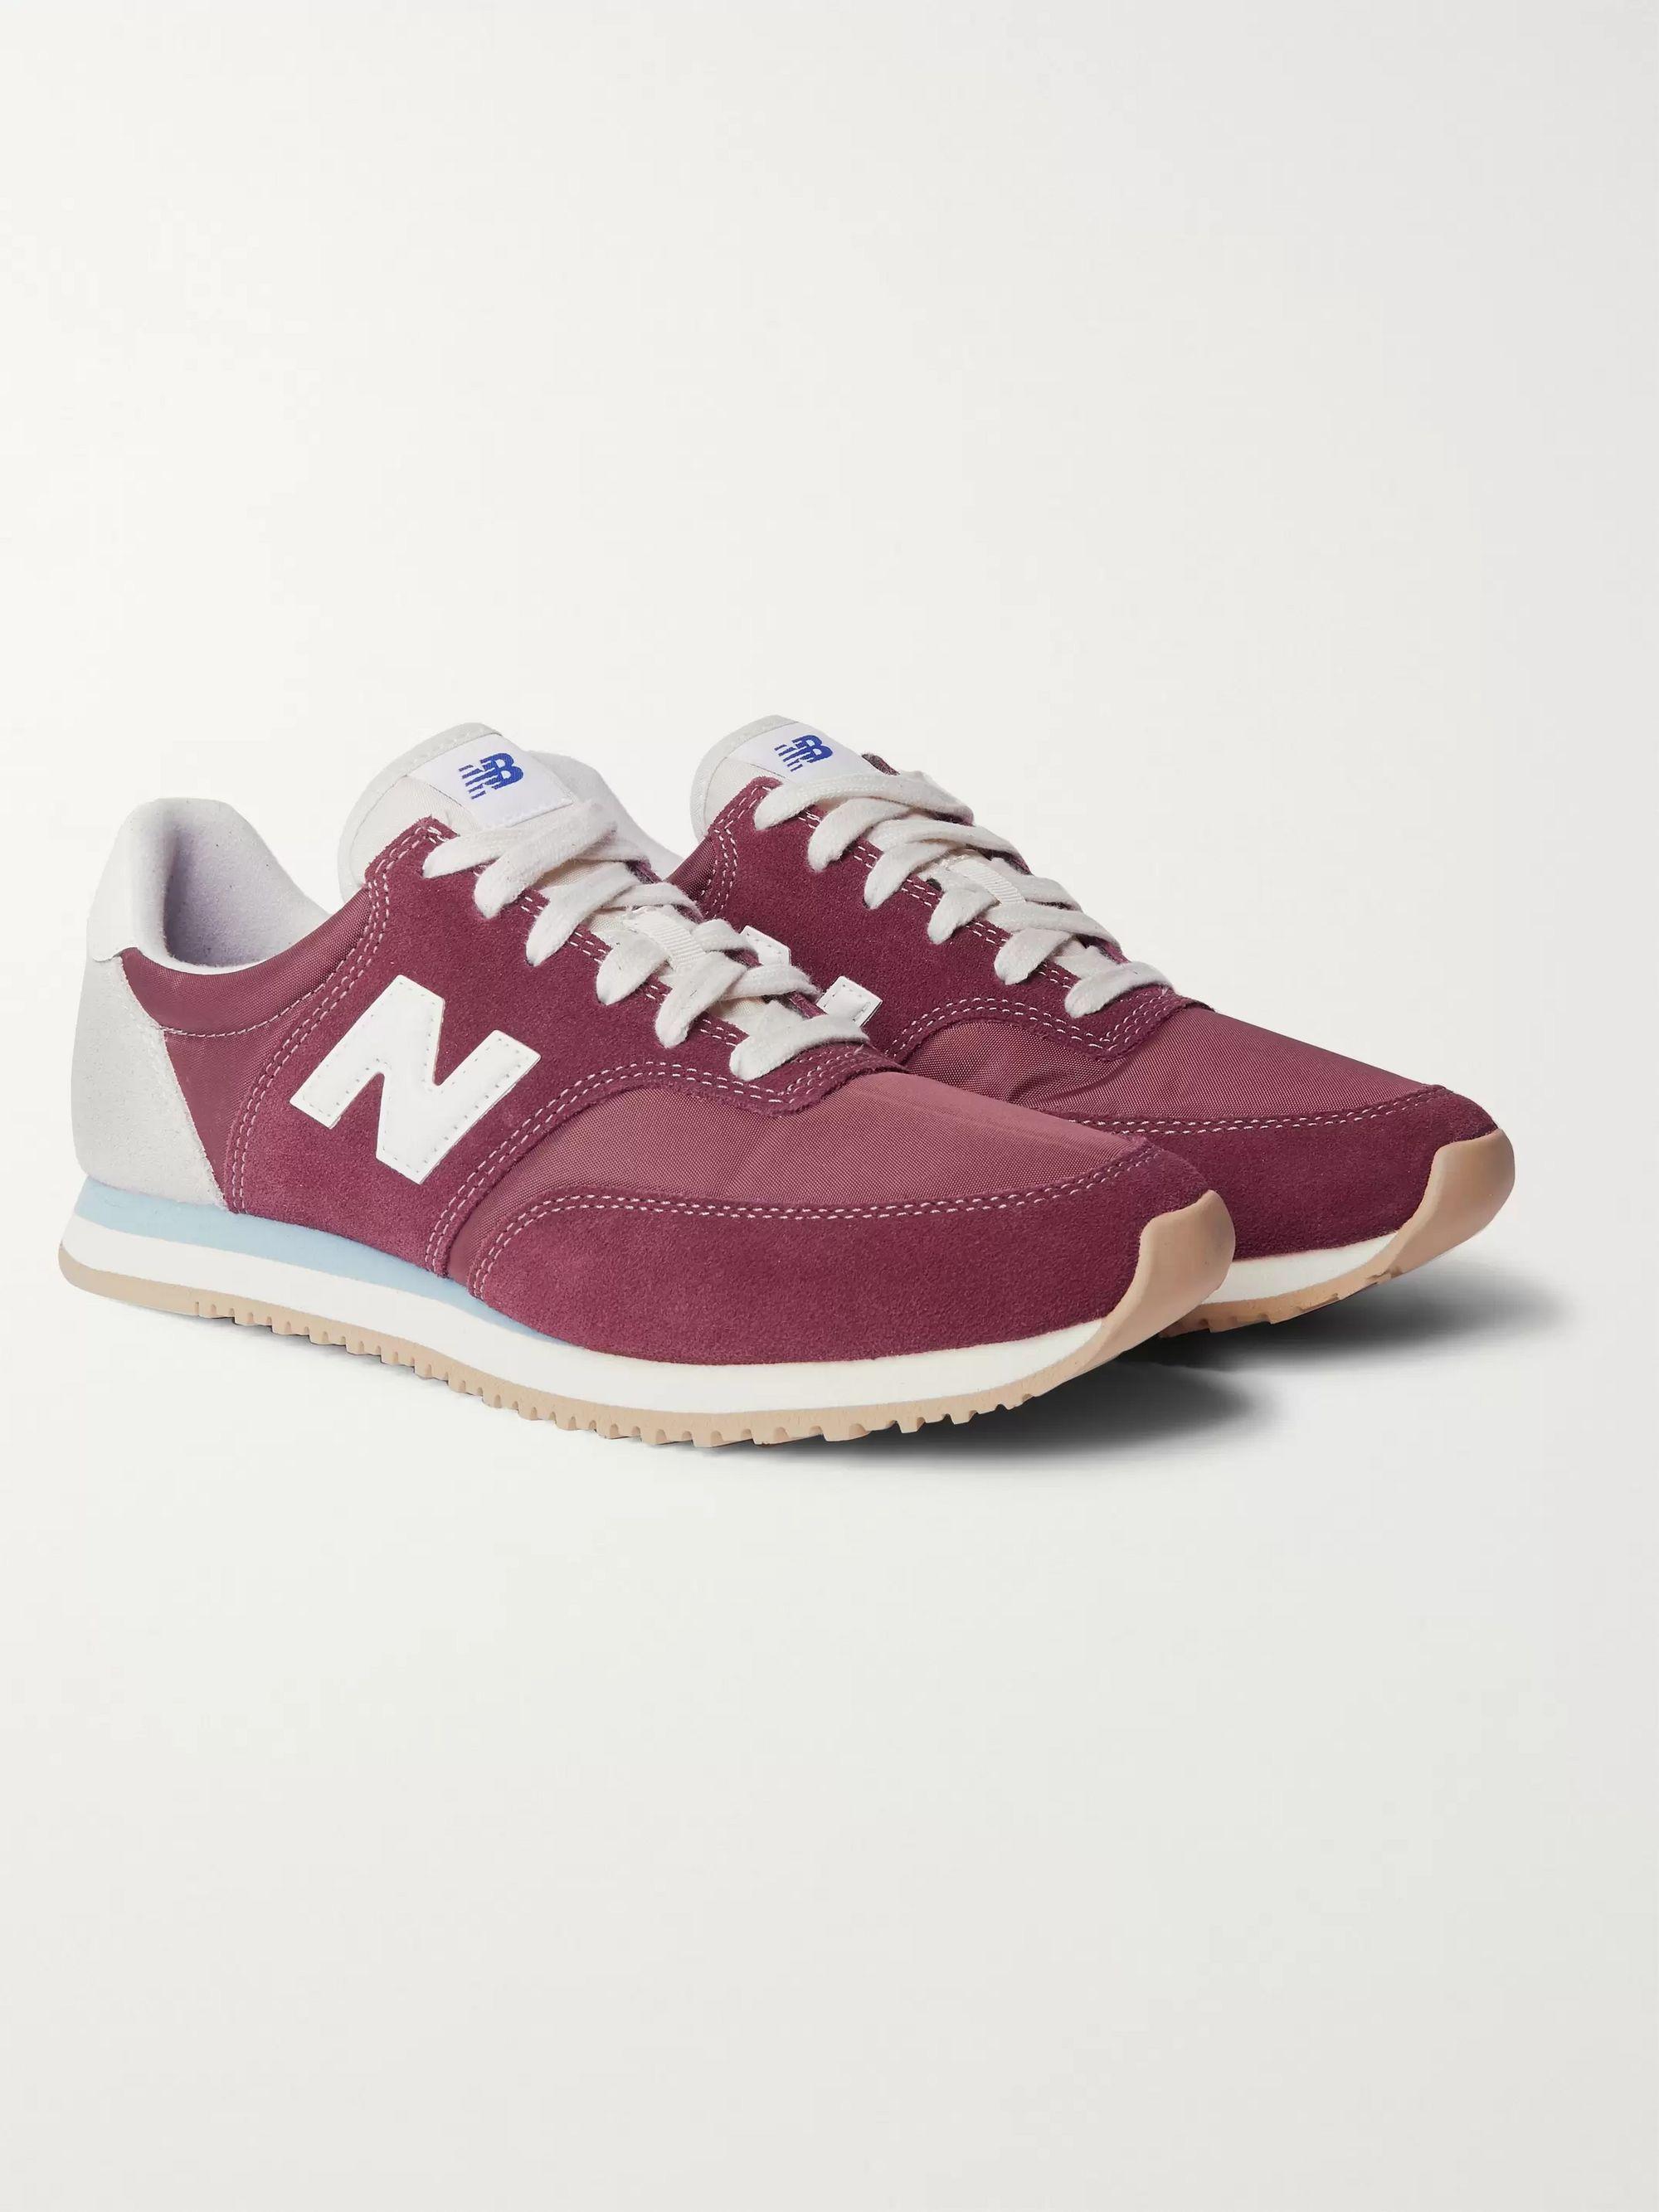 뉴발란스 New Balance Comp 100 Leather and Suede-Trimmed Shell Sneakers,Burgundy